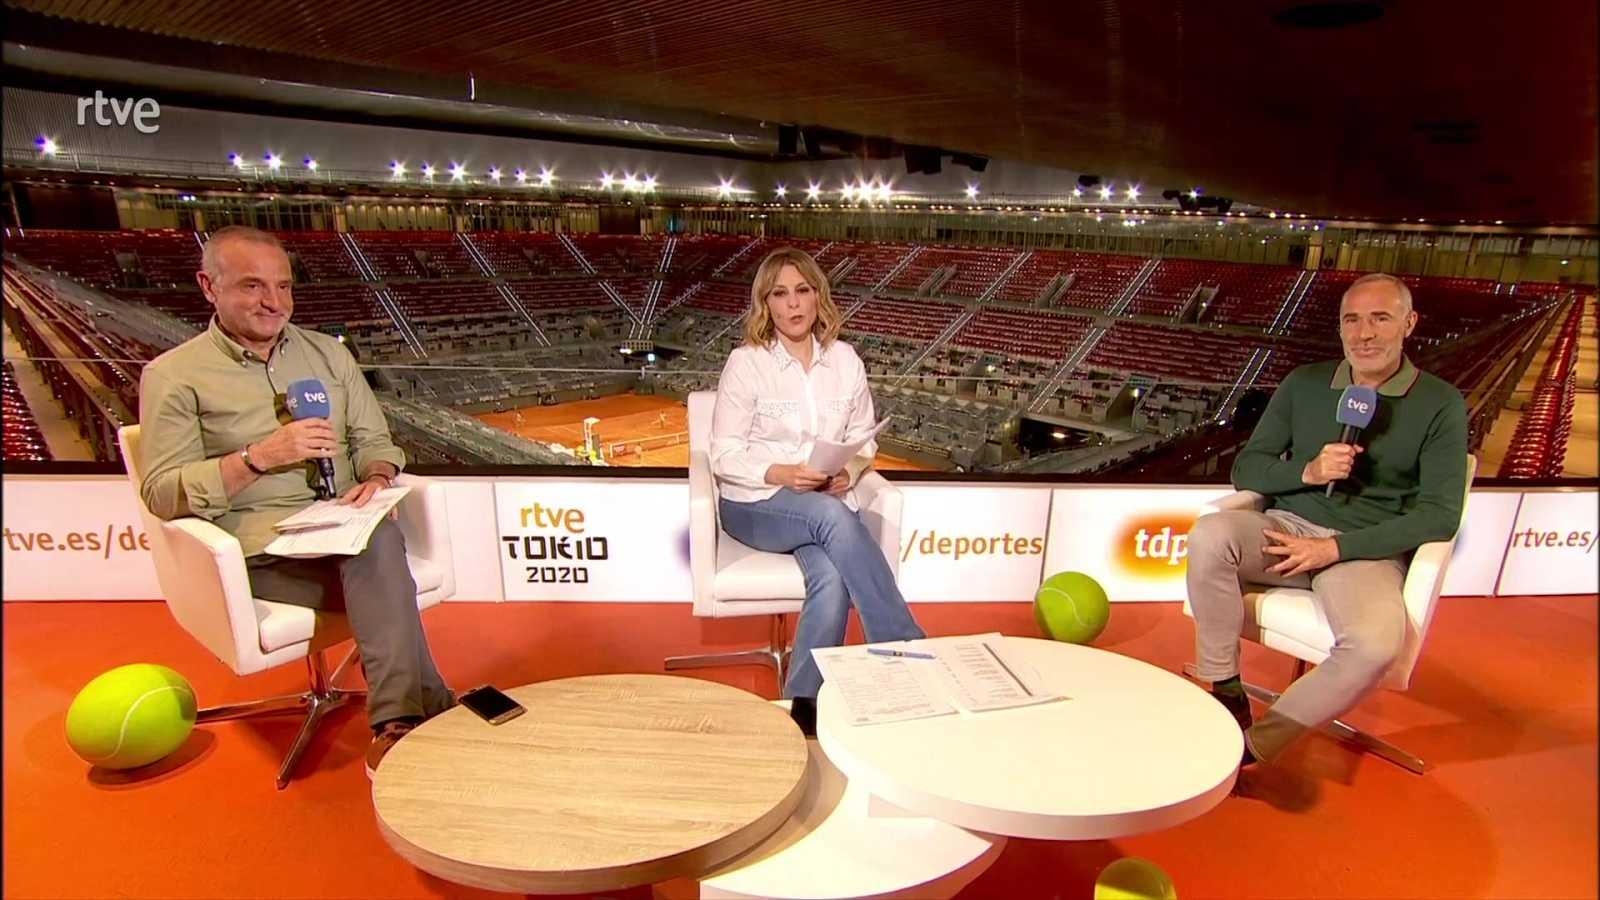 Mutua Madrid Open - Resumen diario 05/05/21 - ver ahora